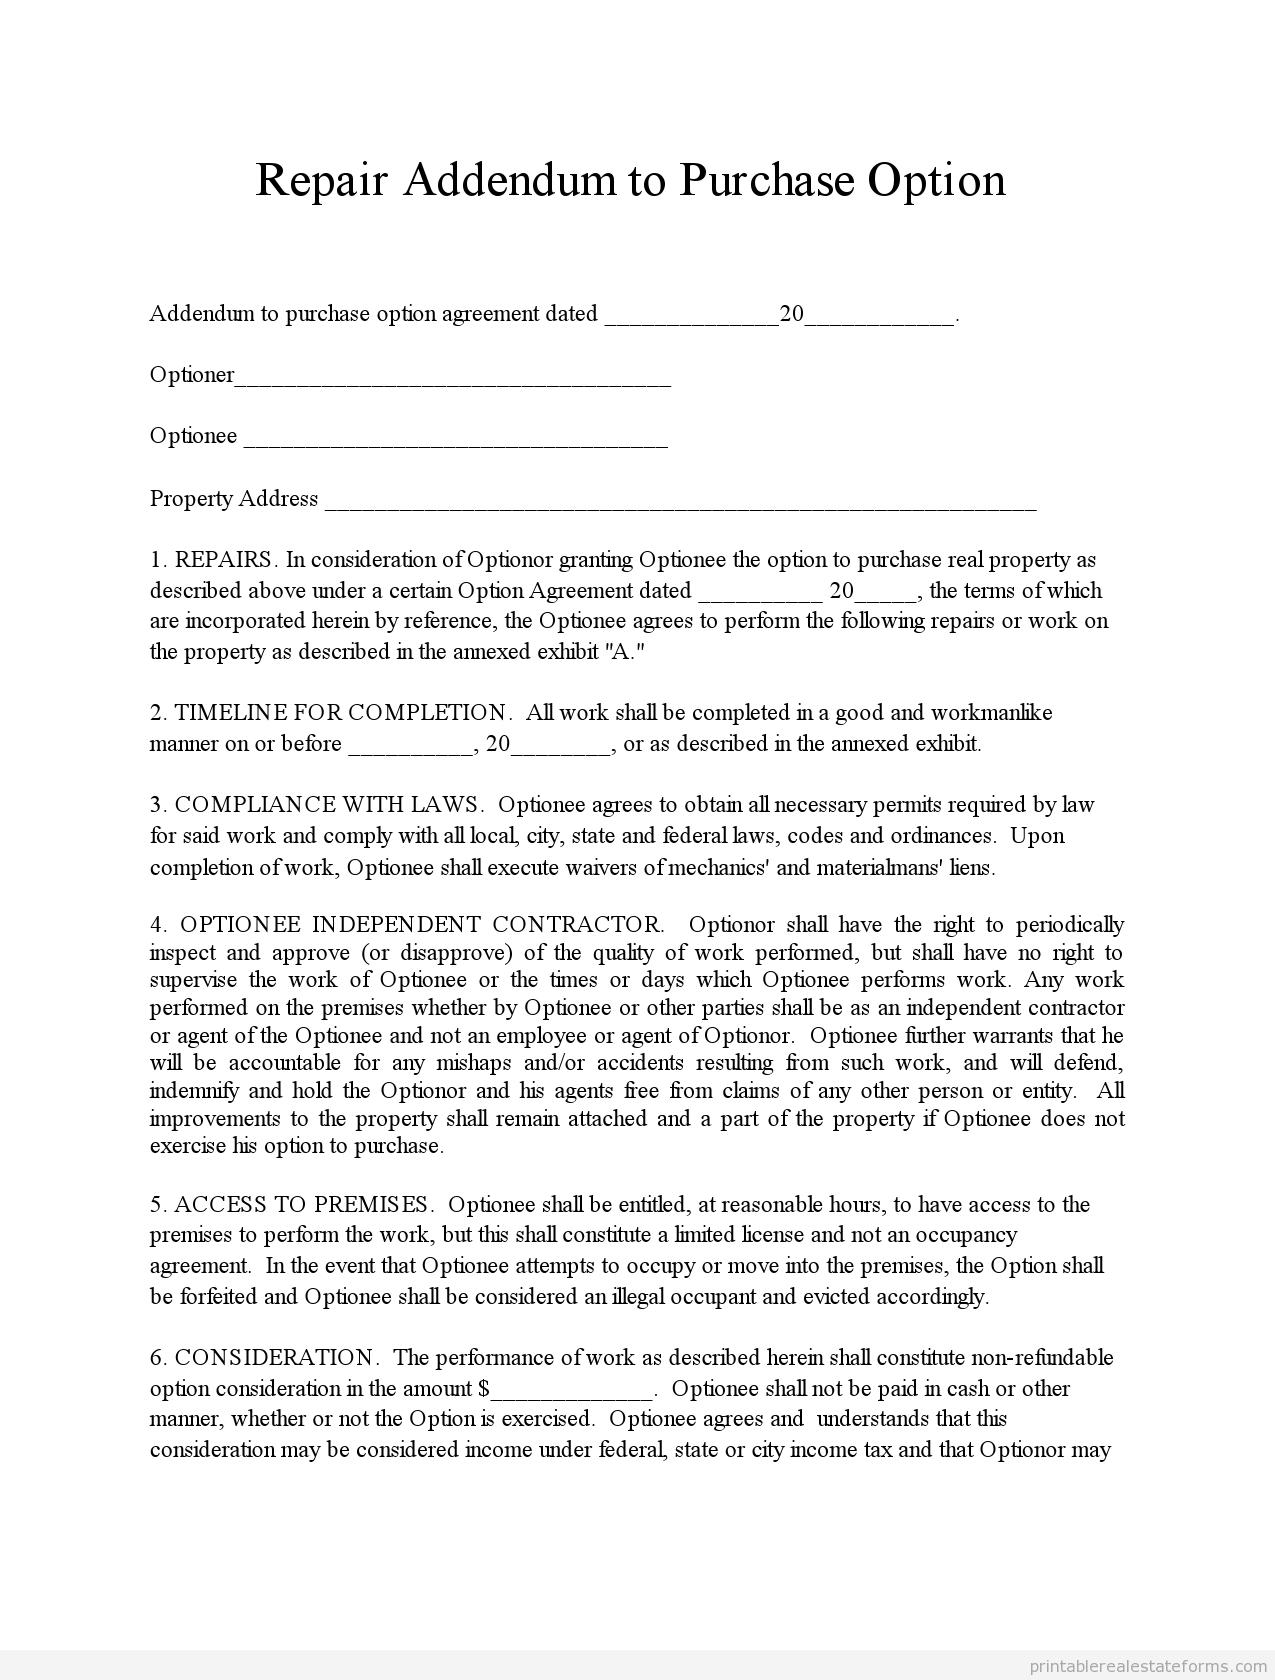 Addendum Sample Letter Agreement.Real Estate Repair Addendum Addendum Letter Examples